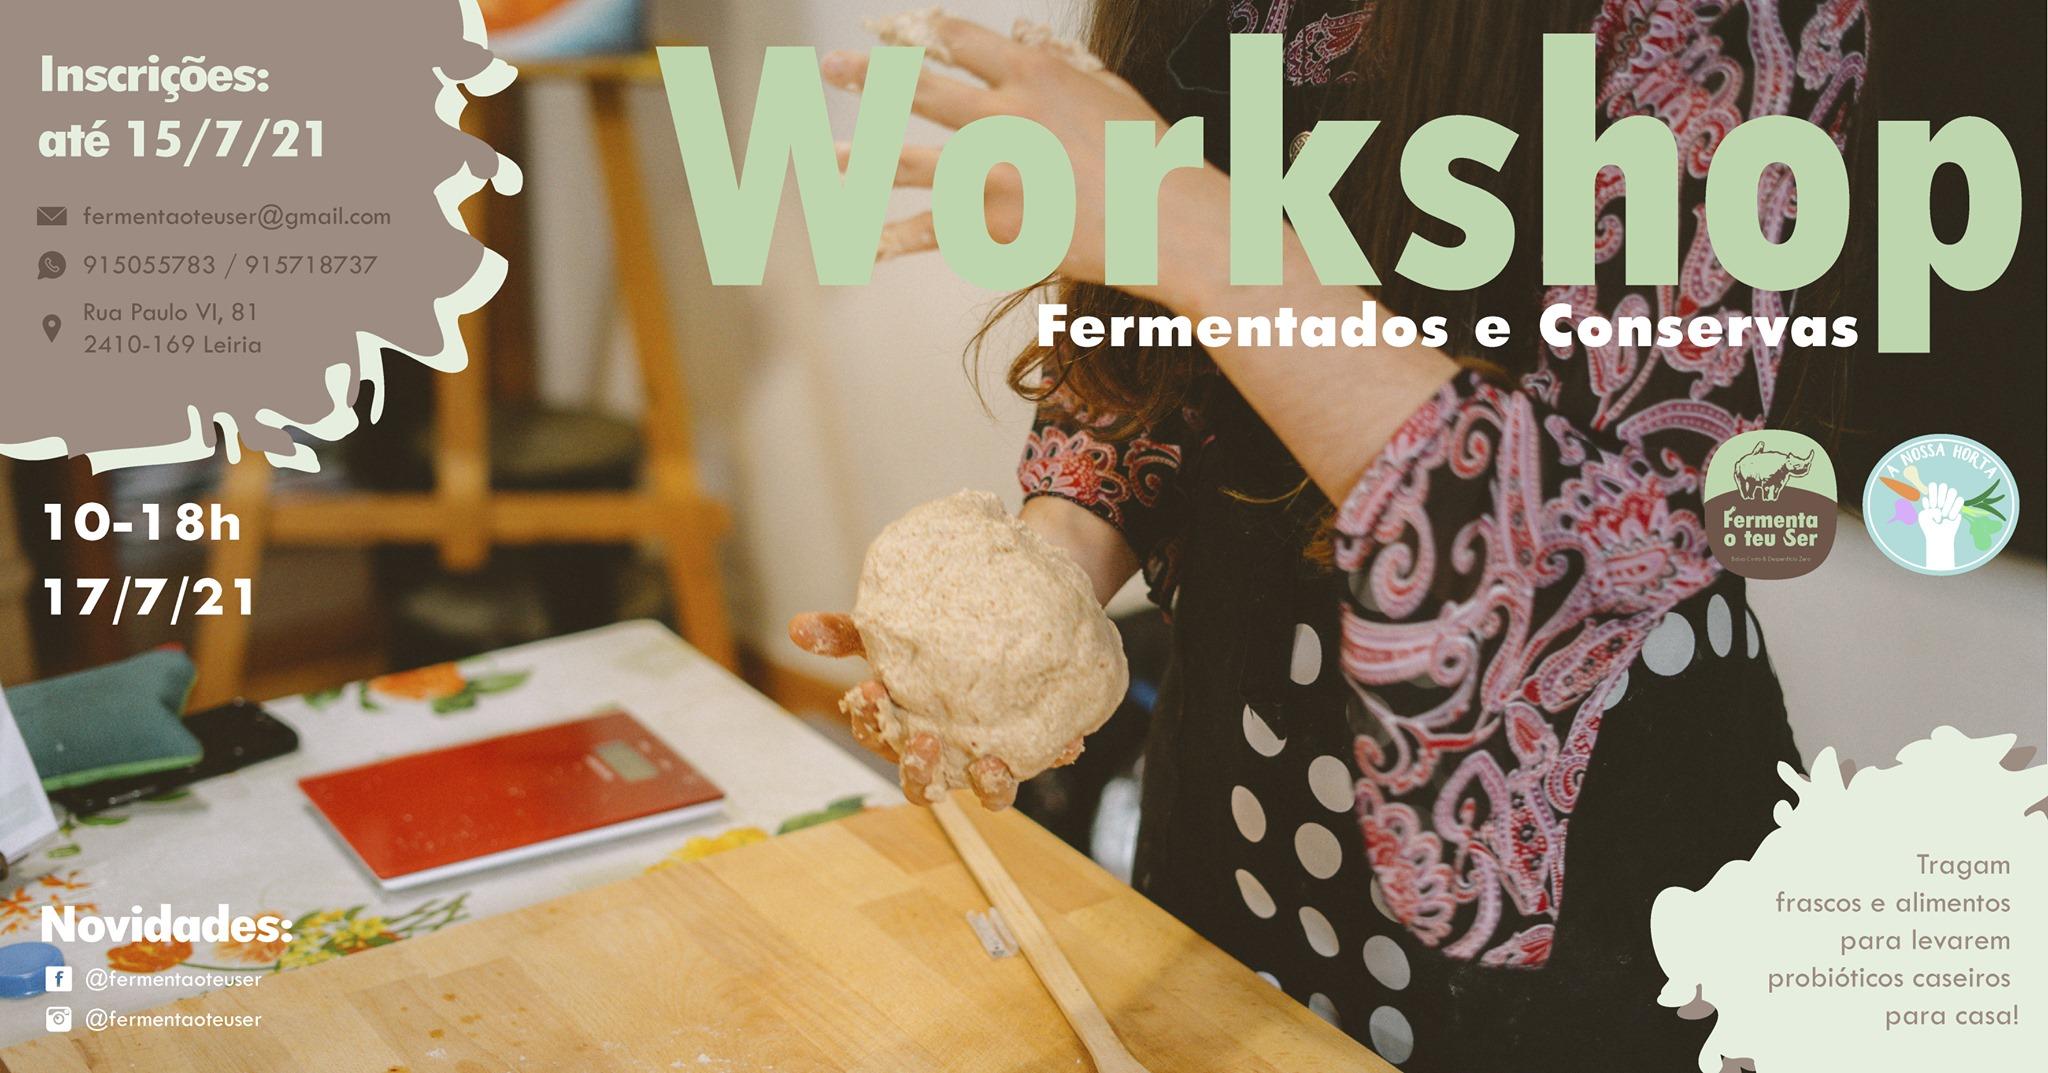 Workshop de Fermentados e Conservas